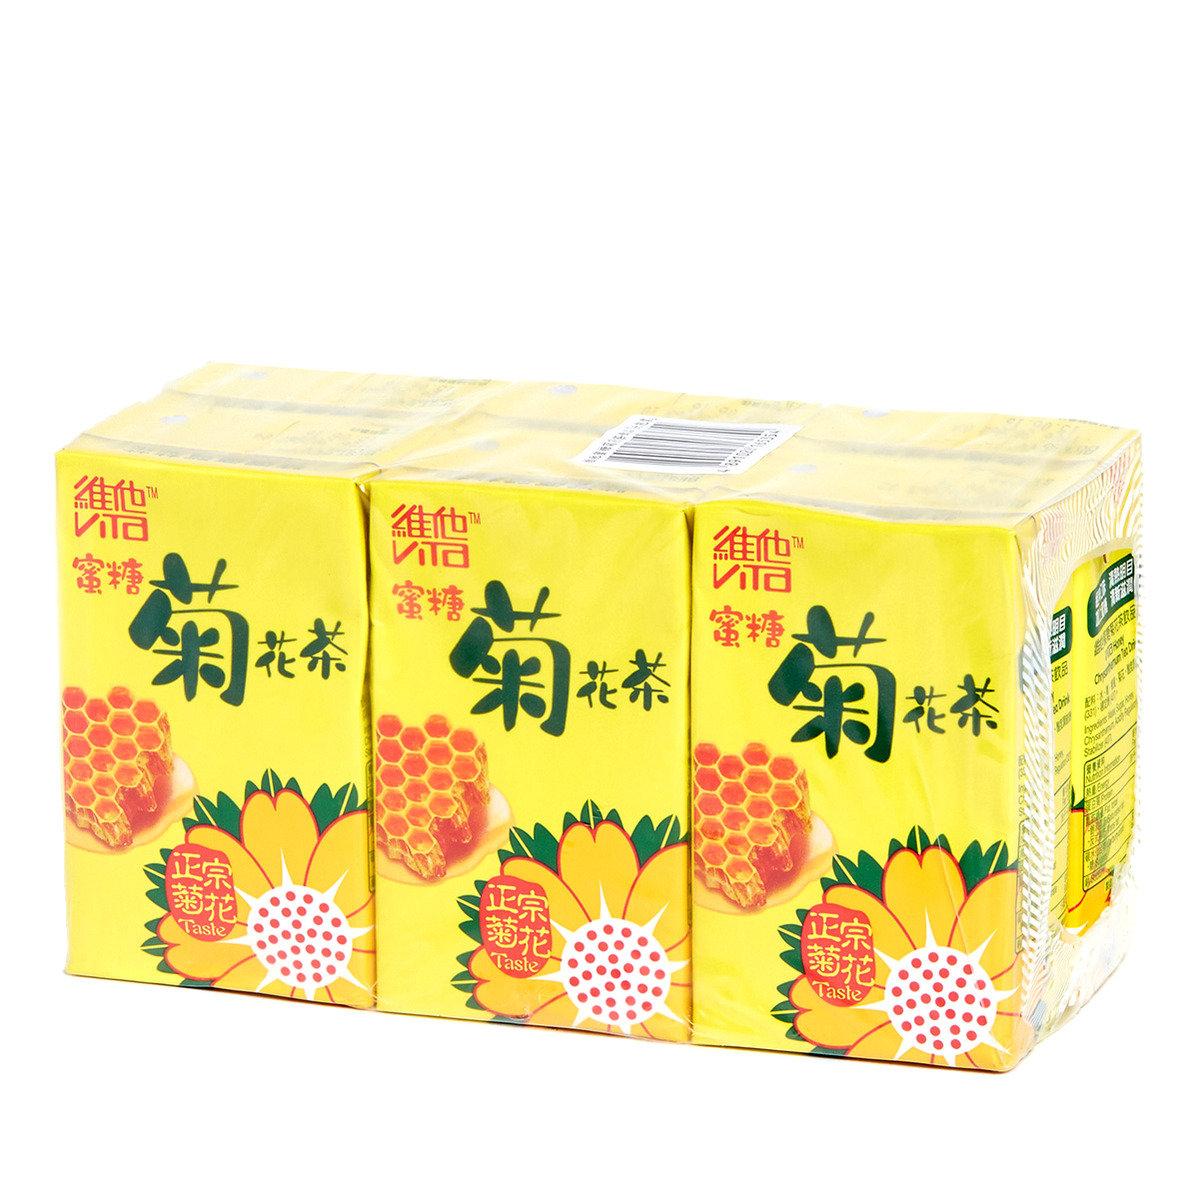 蜜糖菊花茶